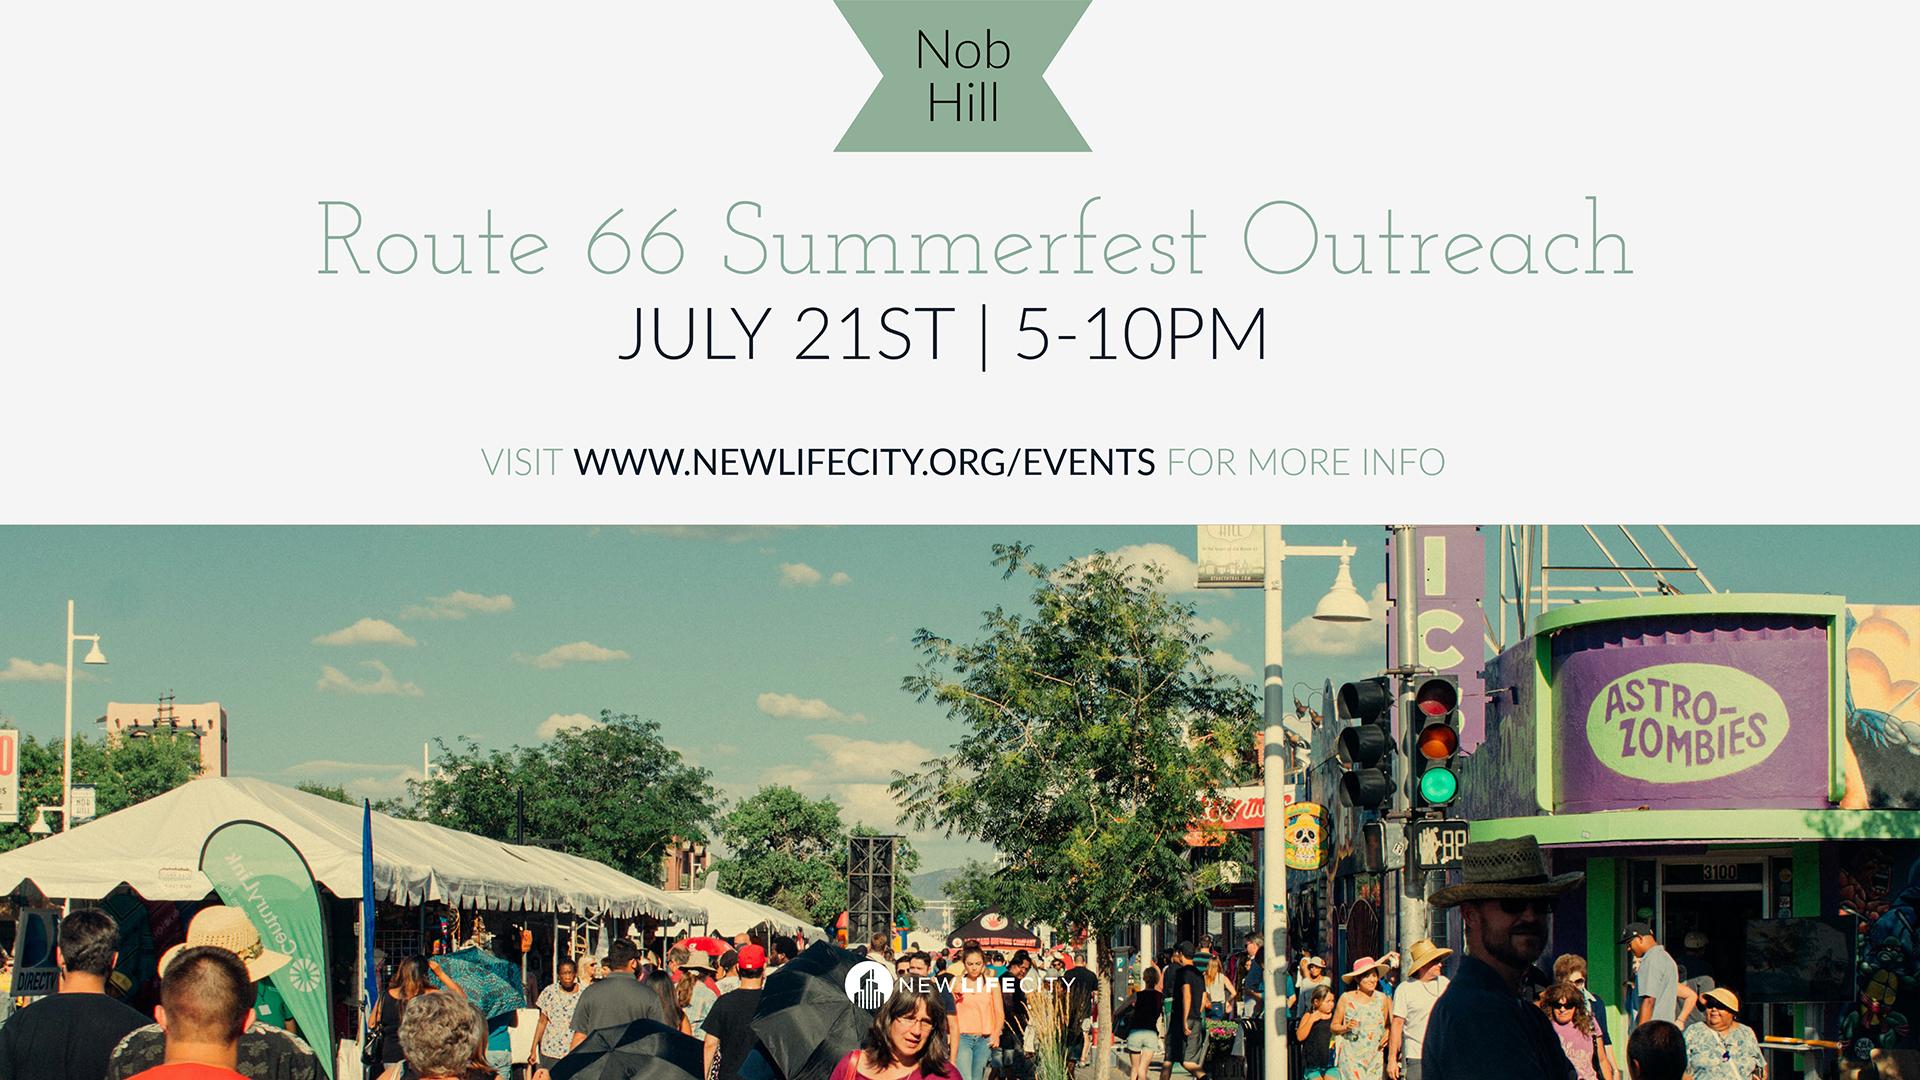 Rt. 66 Summerfest Outreach.jpg